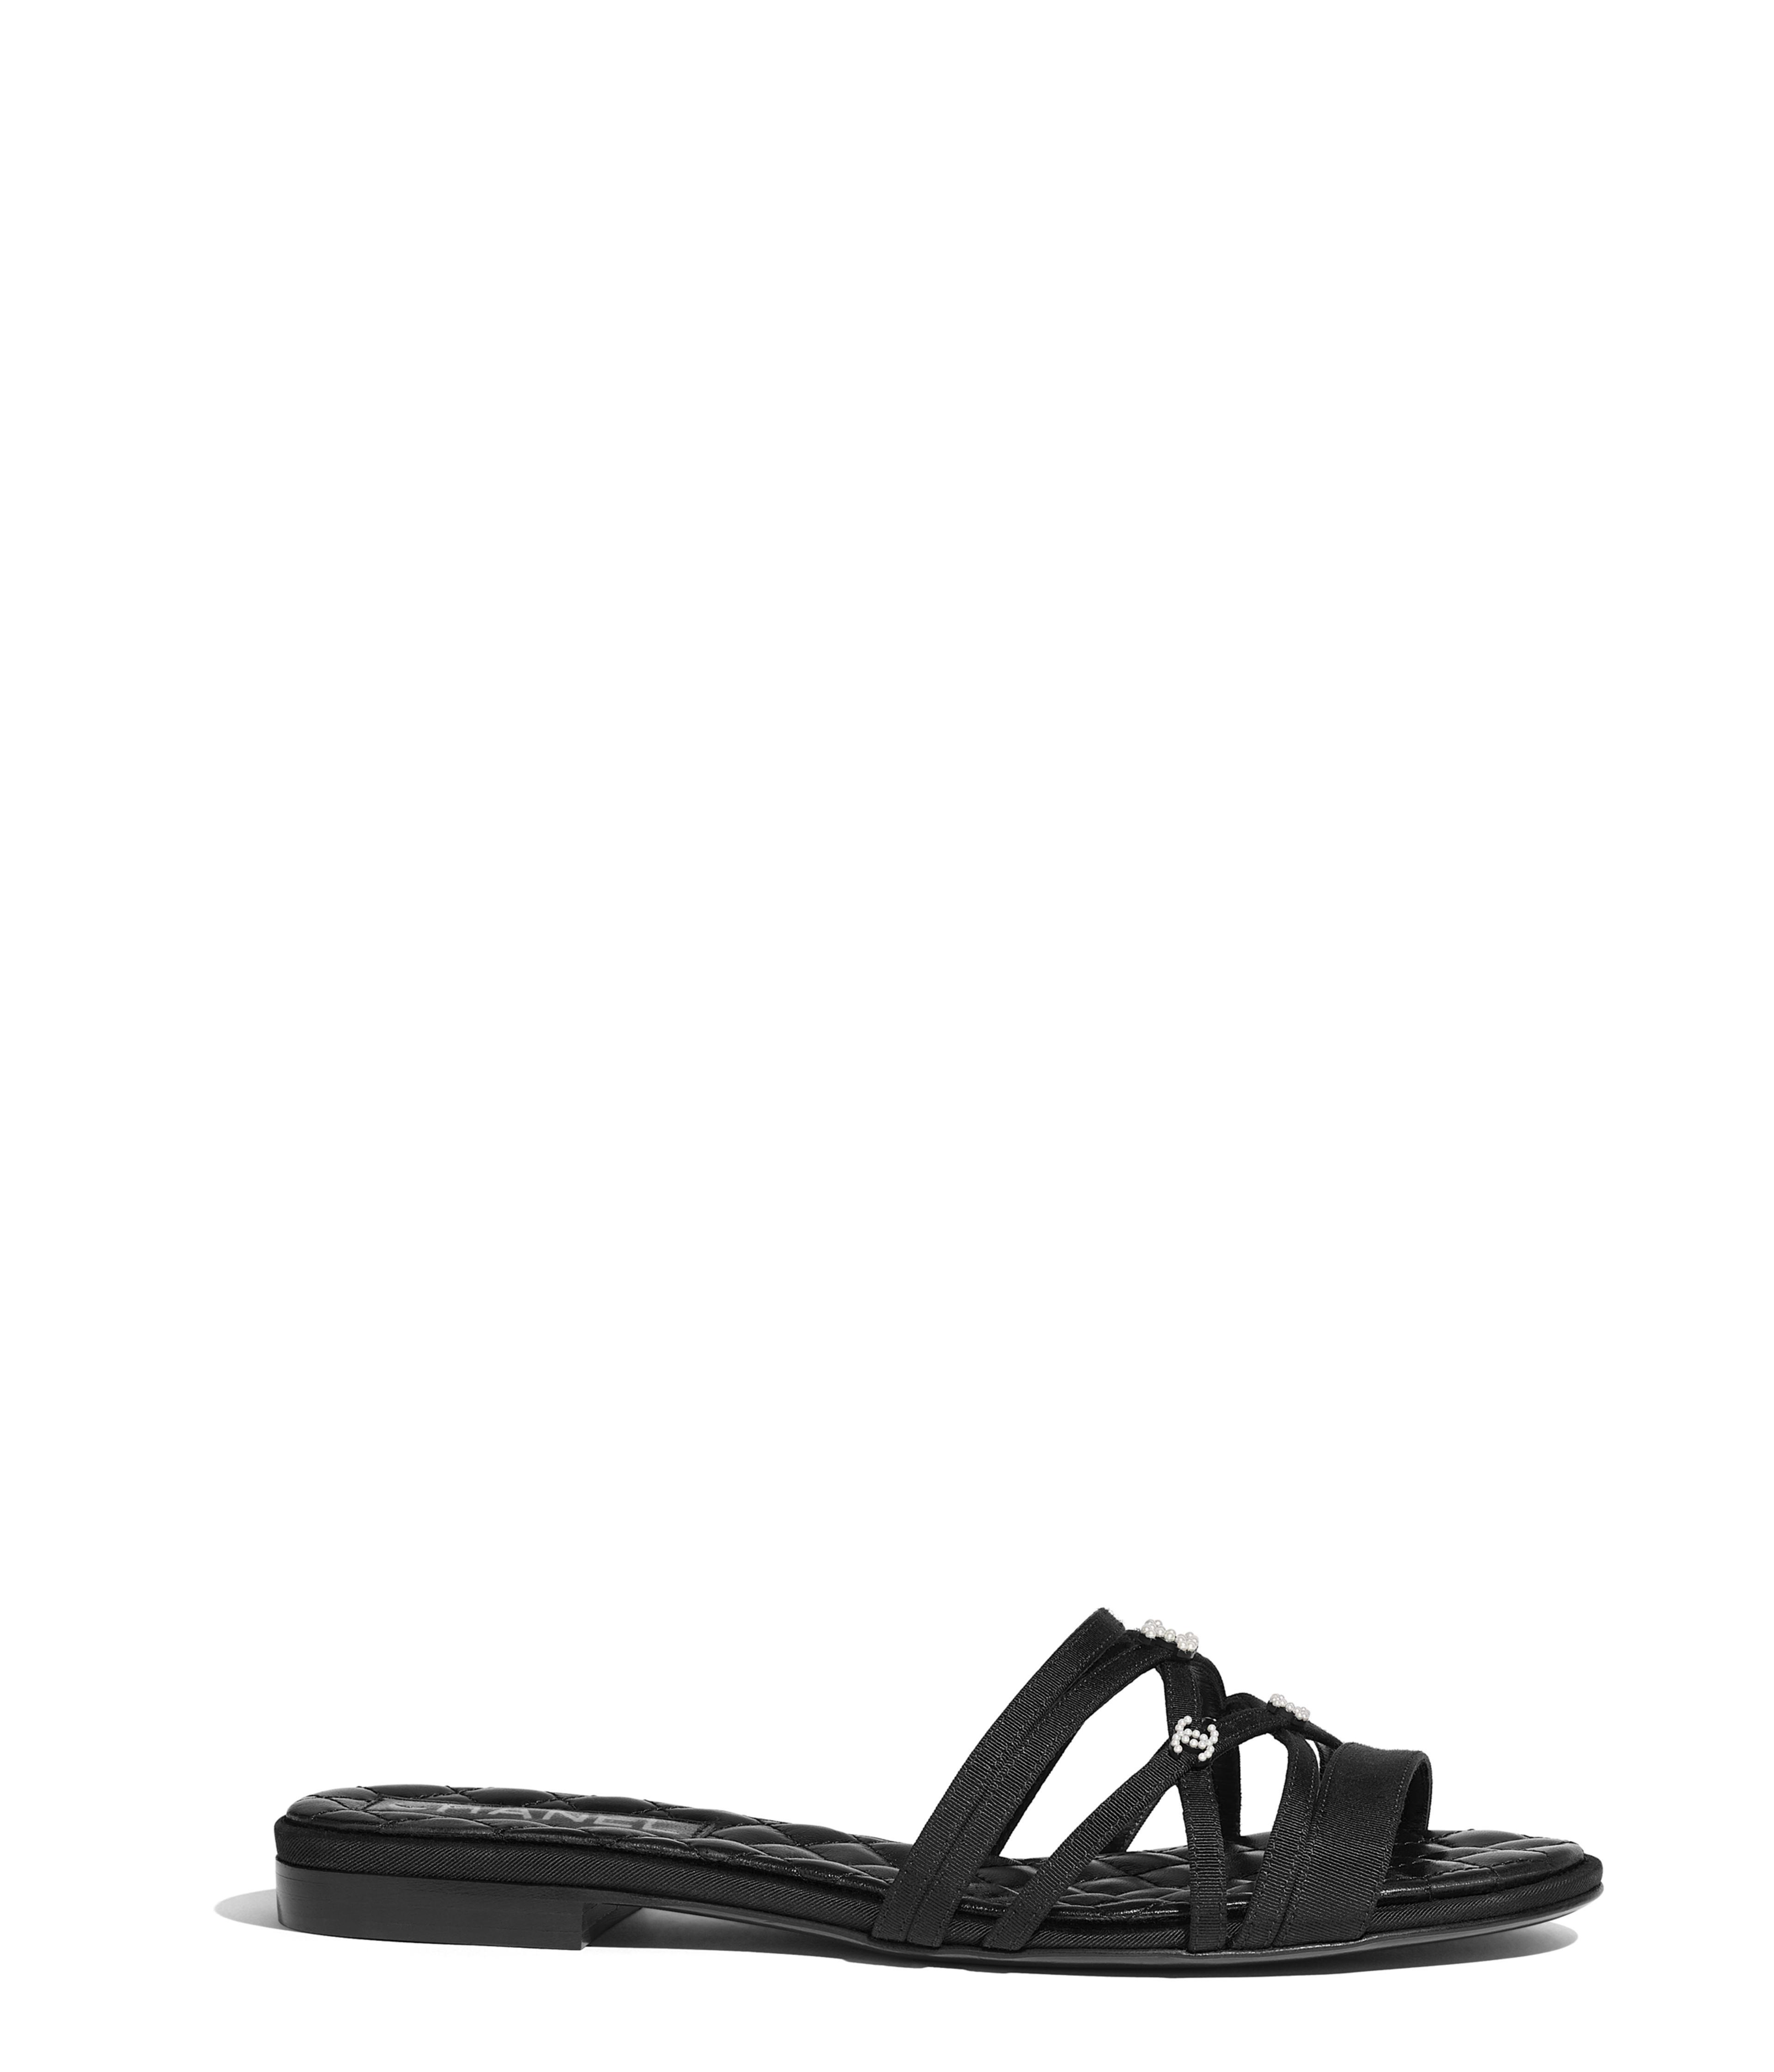 763c06c950c8 Sandals - Shoes